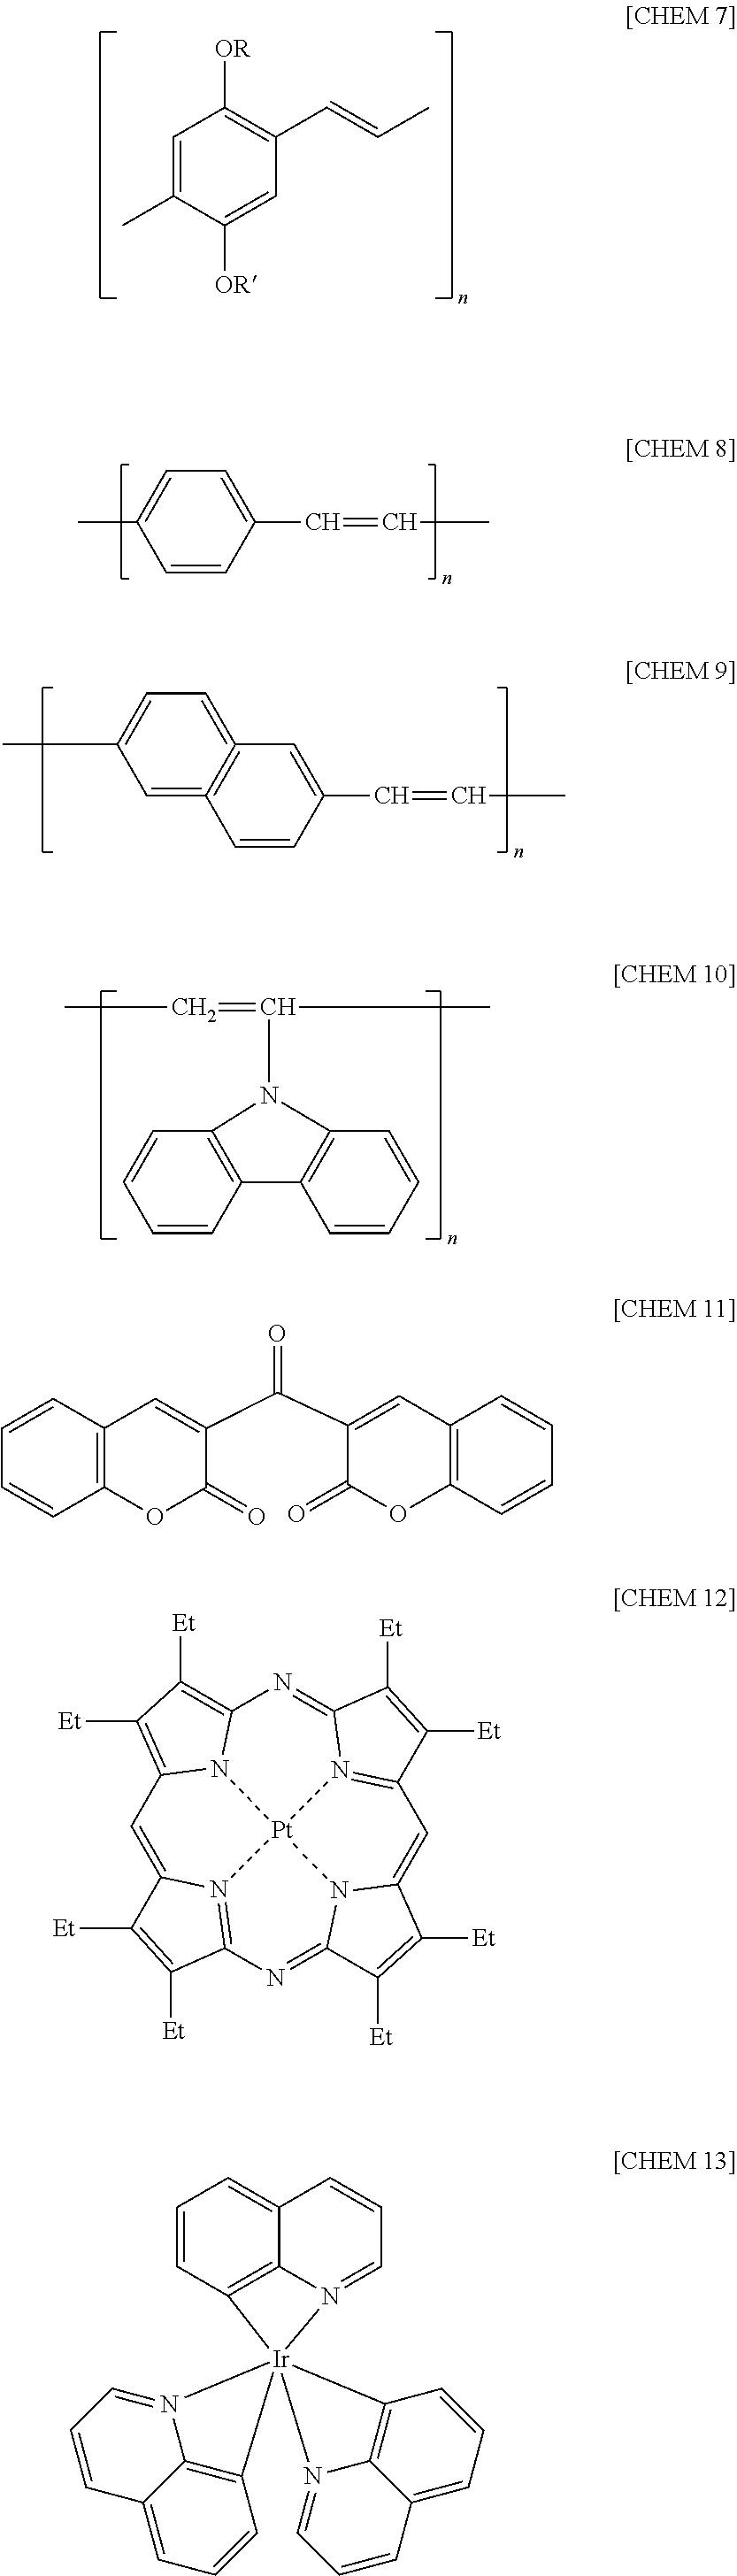 Figure US08890172-20141118-C00002